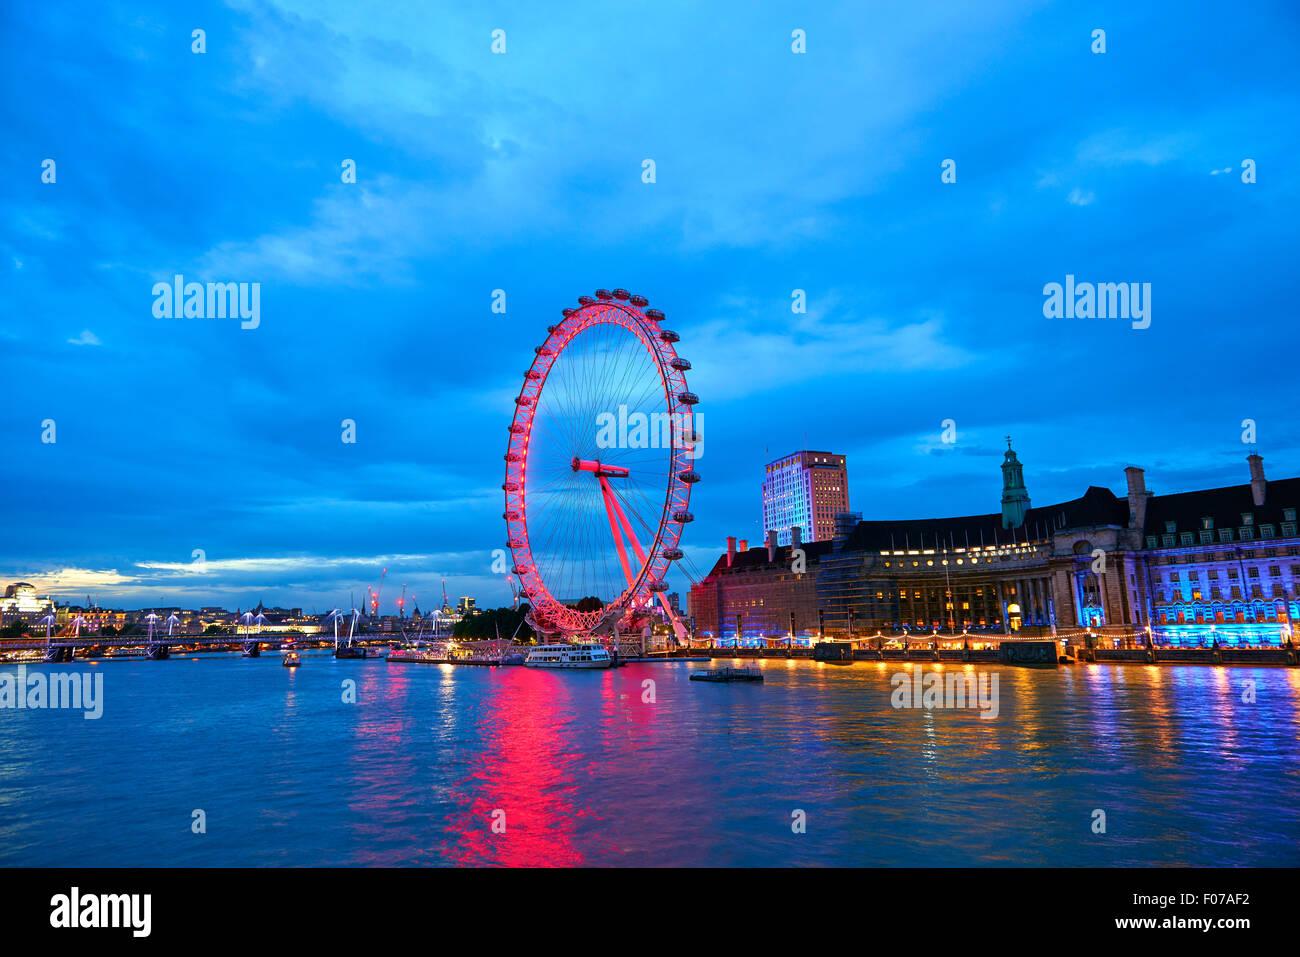 London eye, London, United Kingdom, Europe - Stock Image